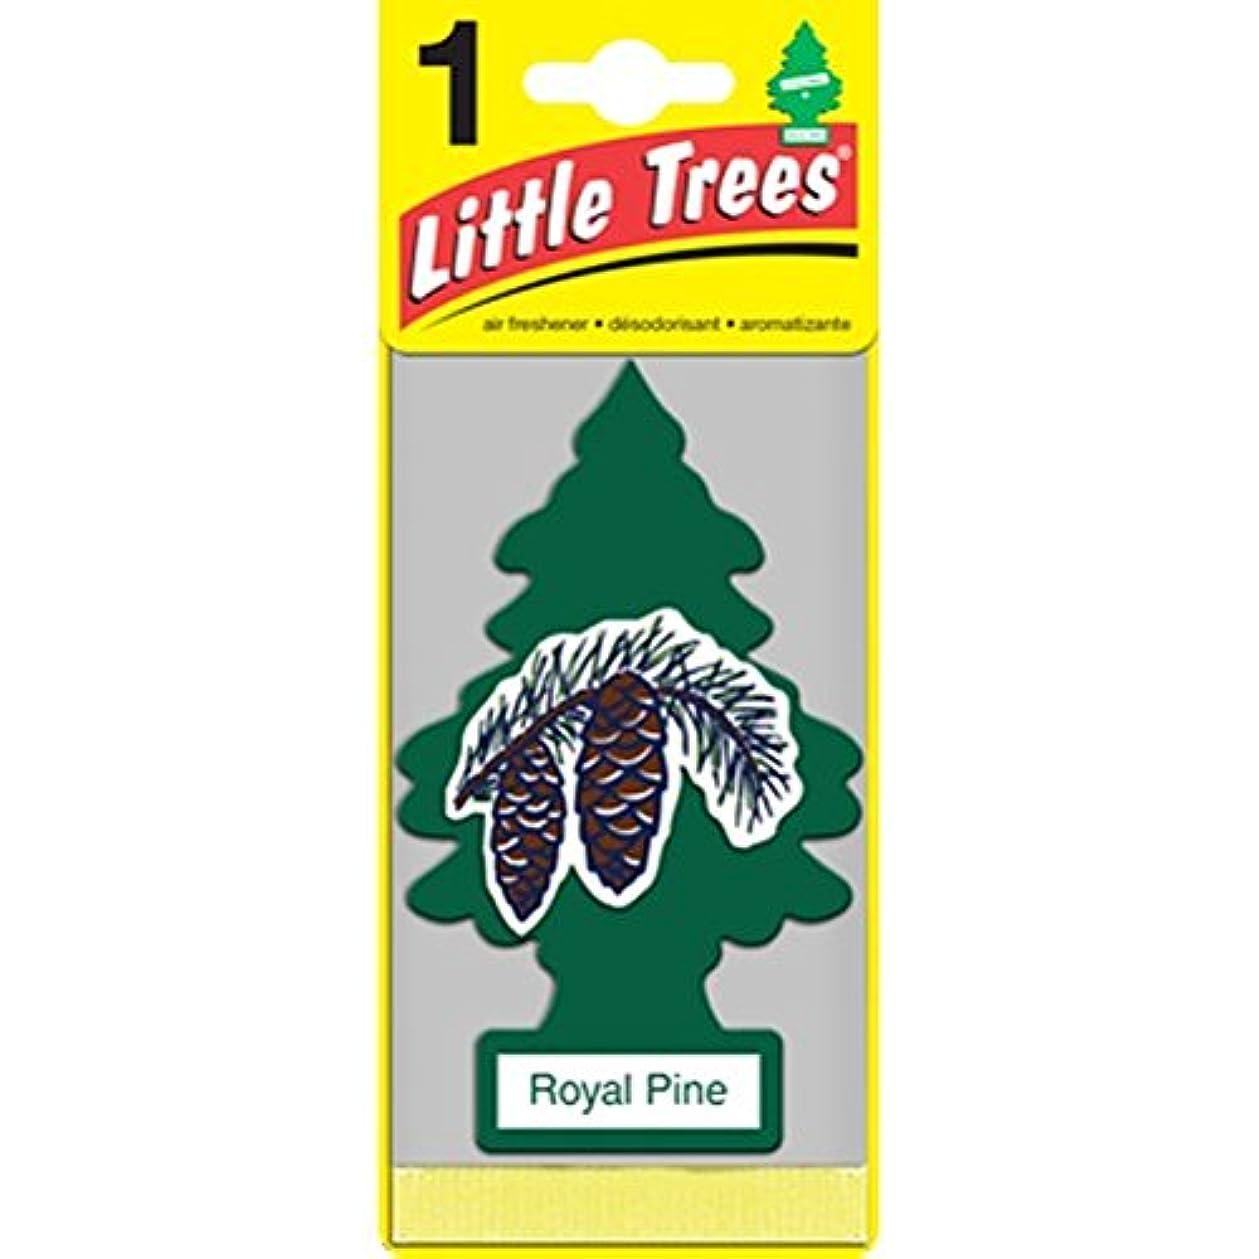 花嫁パイプライン前提条件Little Trees  Royal Pine 吊り下げタイプ air freshener 3-paks(3枚入り)